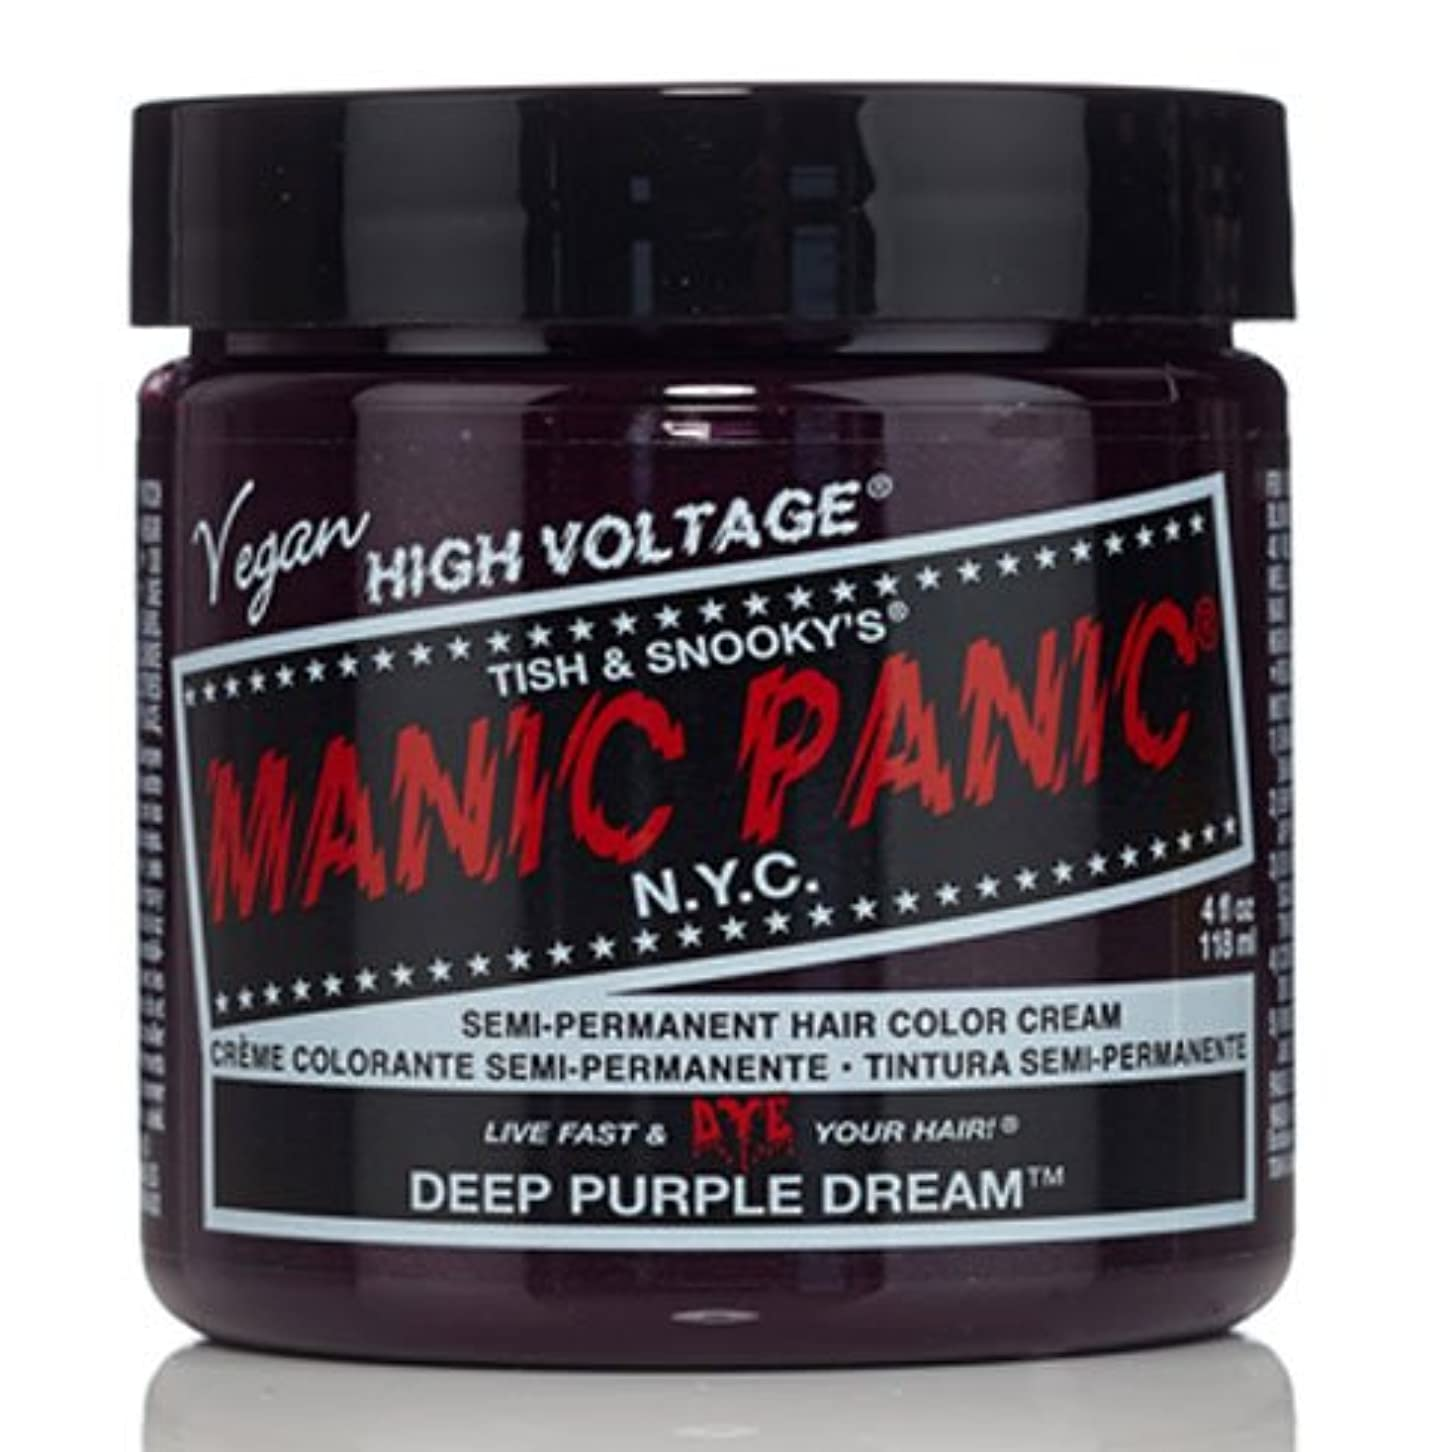 人形石毒液スペシャルセットMANIC PANICマニックパニック:DEEP PURPLE DREAM (ディープパープルドリーム)+ヘアカラーケア4点セット